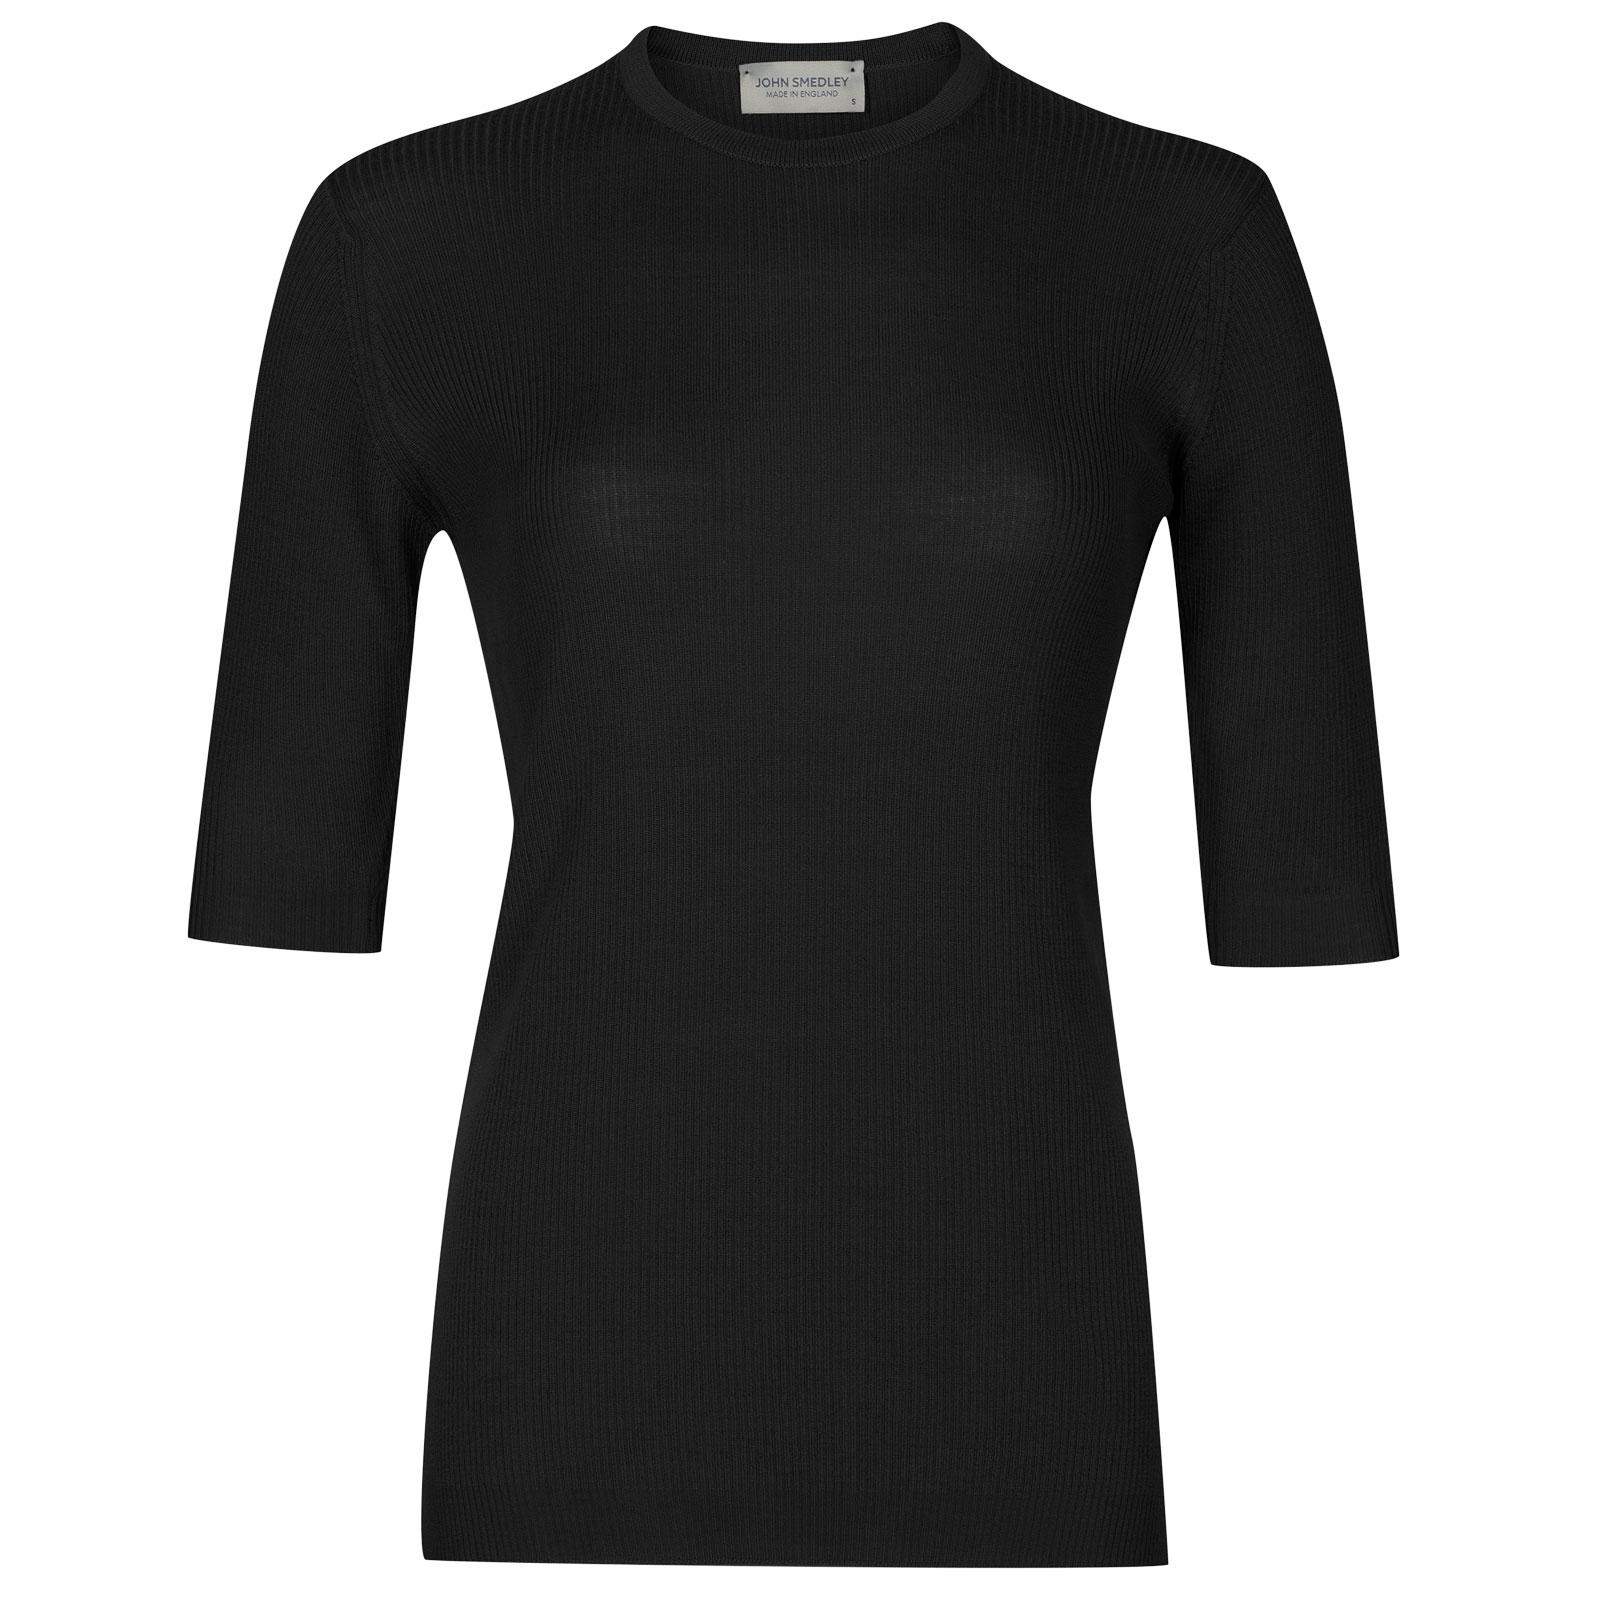 John Smedley wilis Merino Wool Sweater in Black-XL